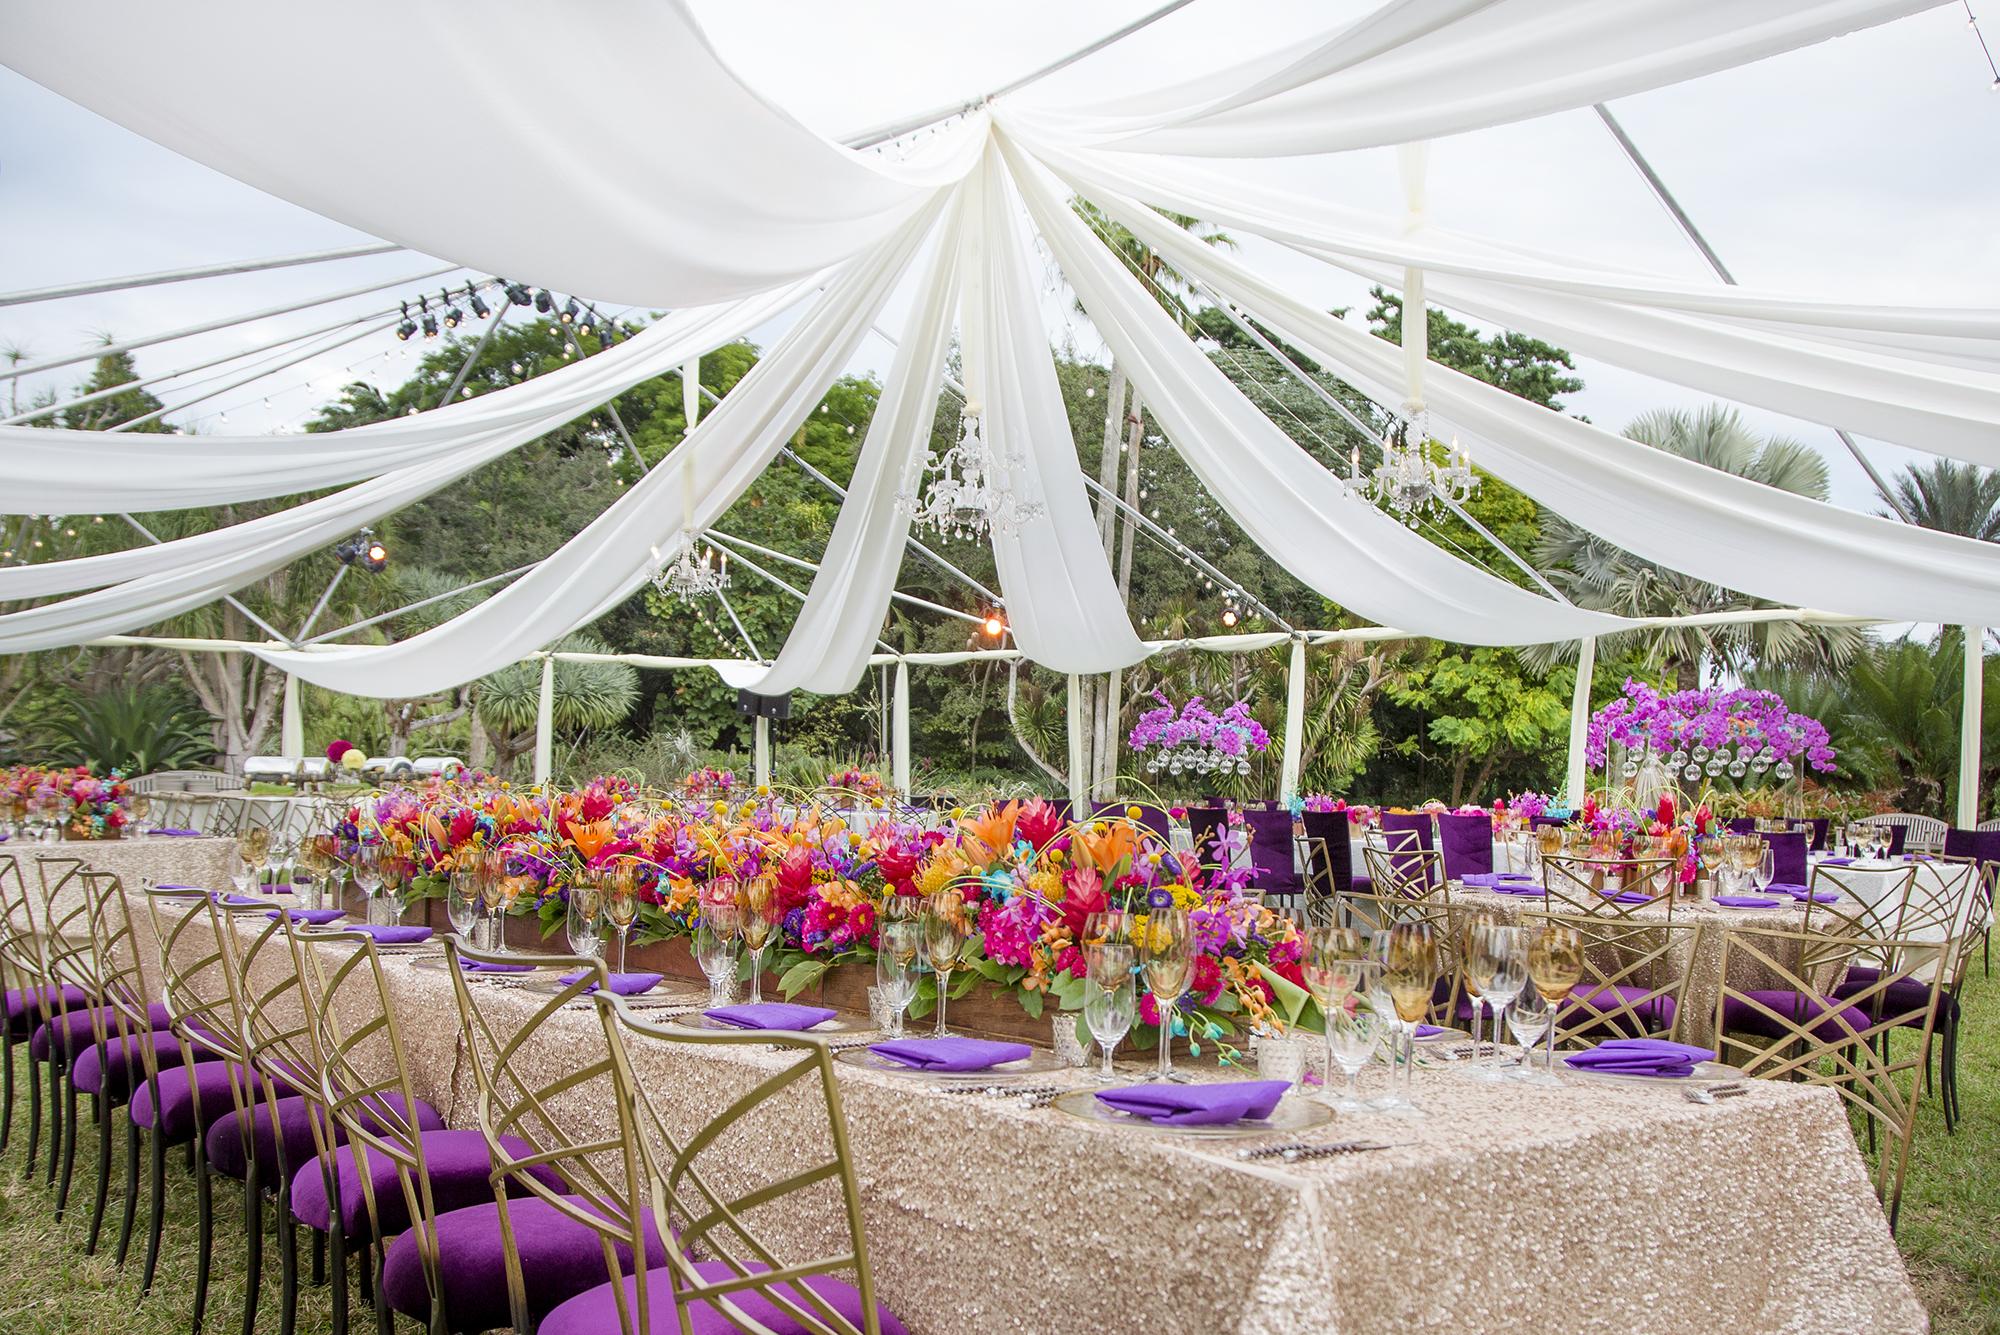 A traditional Indian wedding at Fairchild Tropical Garden